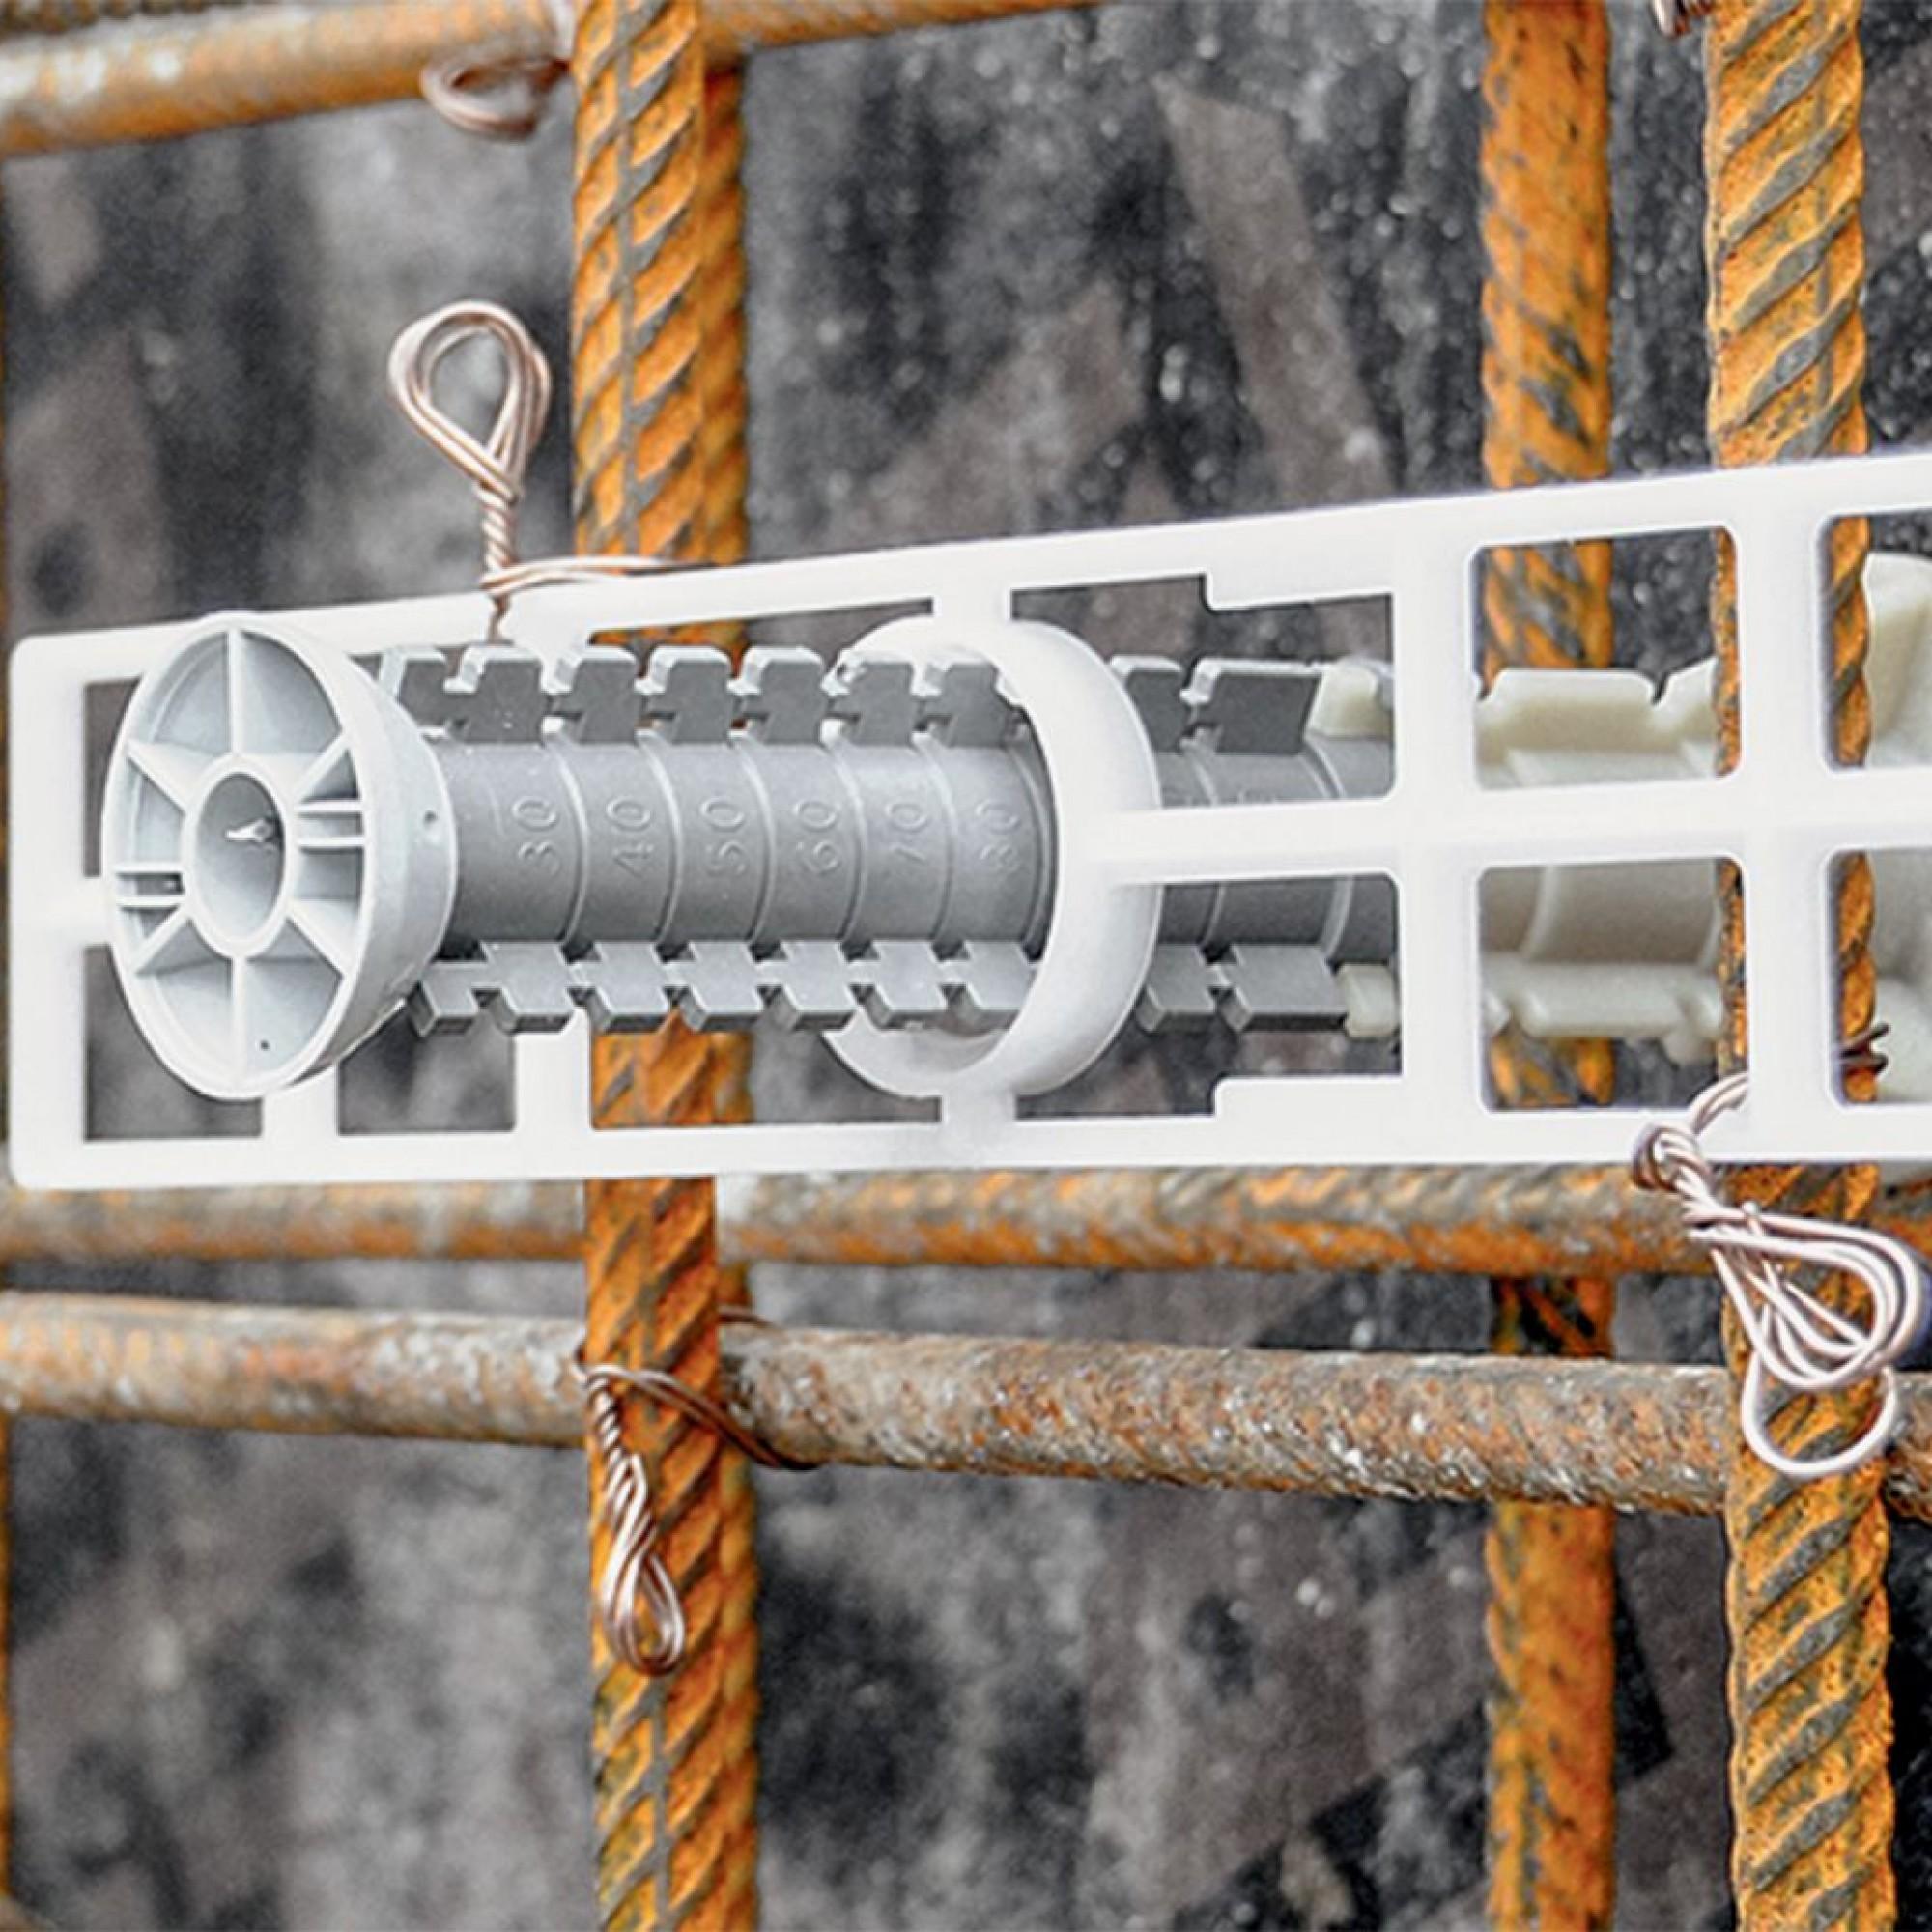 Dank der Montageplatte eignet sie sich neu auch für Metall- oder Innenschalungen, da sie so vor dem Zuschalen an der Armierung befestigt werden kann. Somit wird der Konus gegen die Schalhaut gepresst.